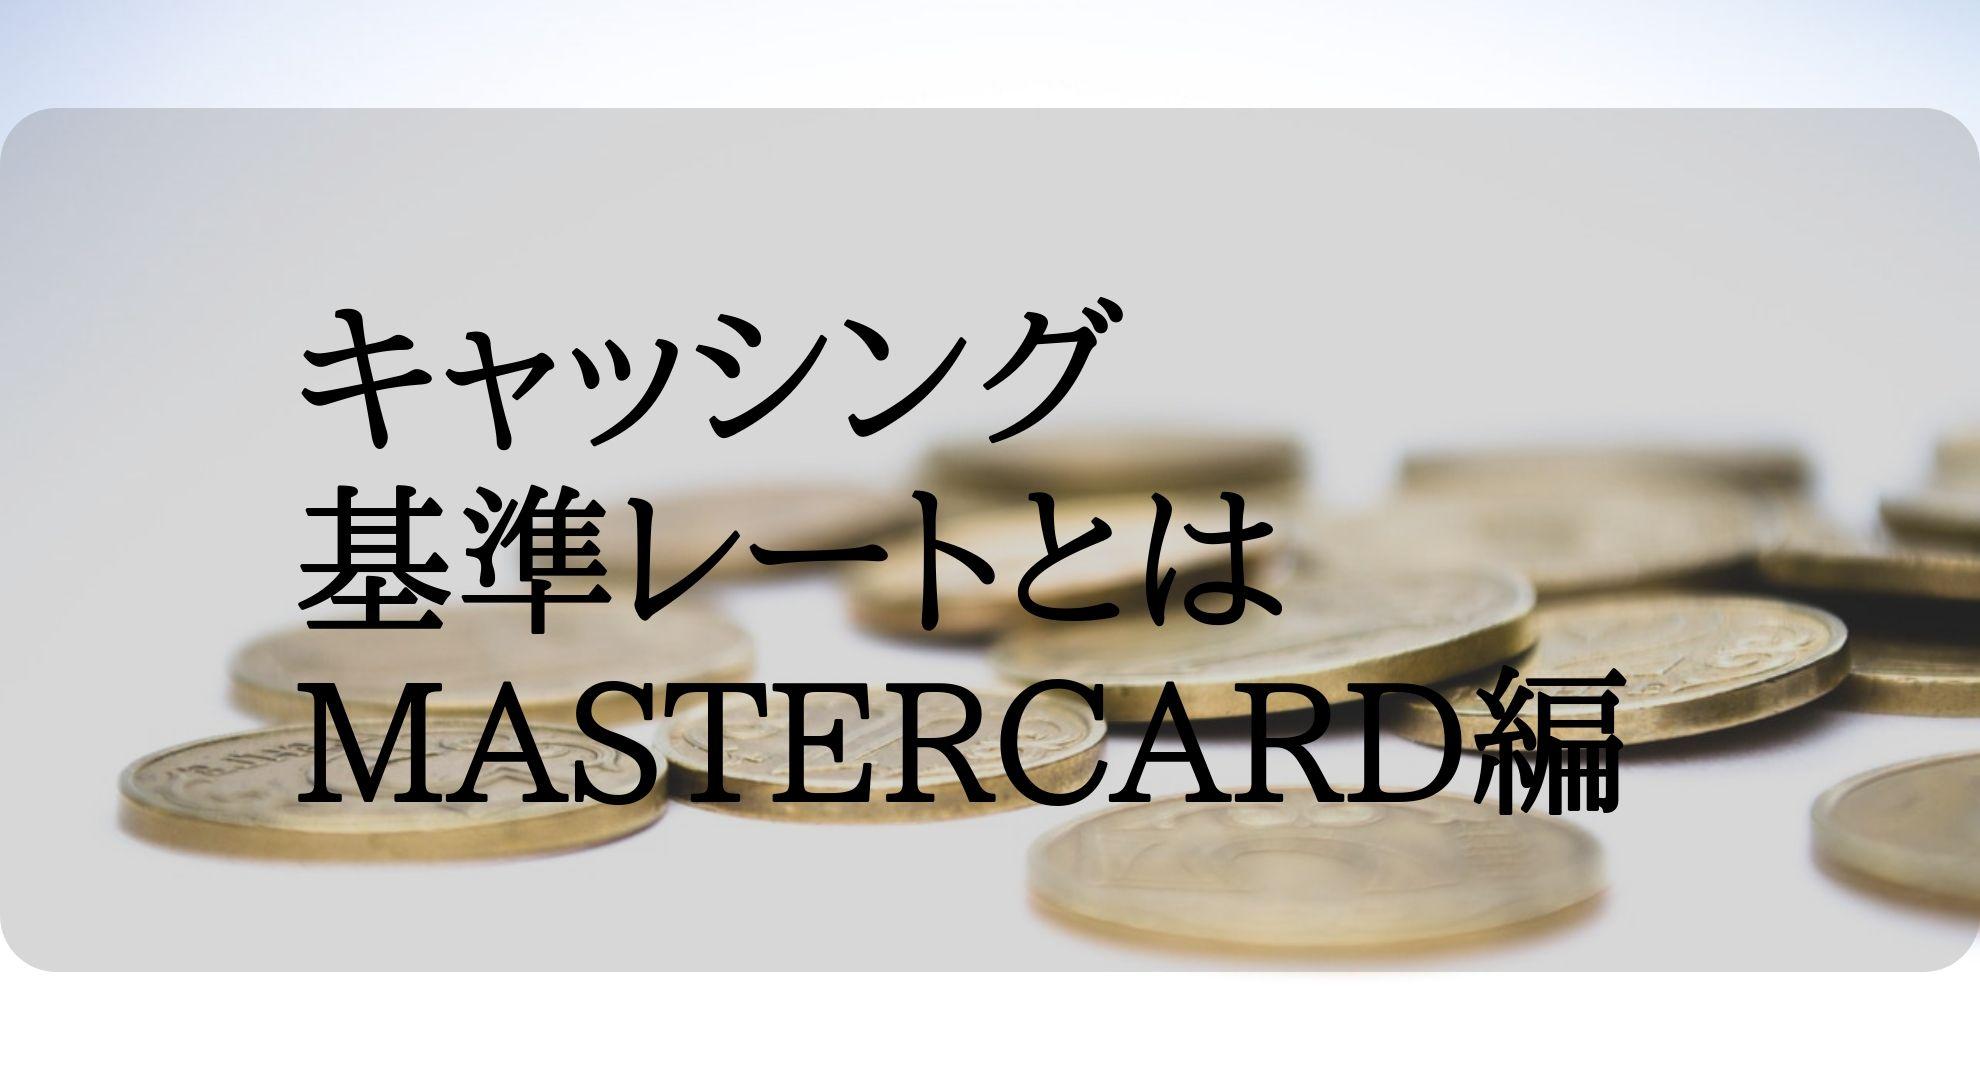 マスターカードの基準レートの調べ方とキャッシングとショッピングの実質コストの計算方法を紹介